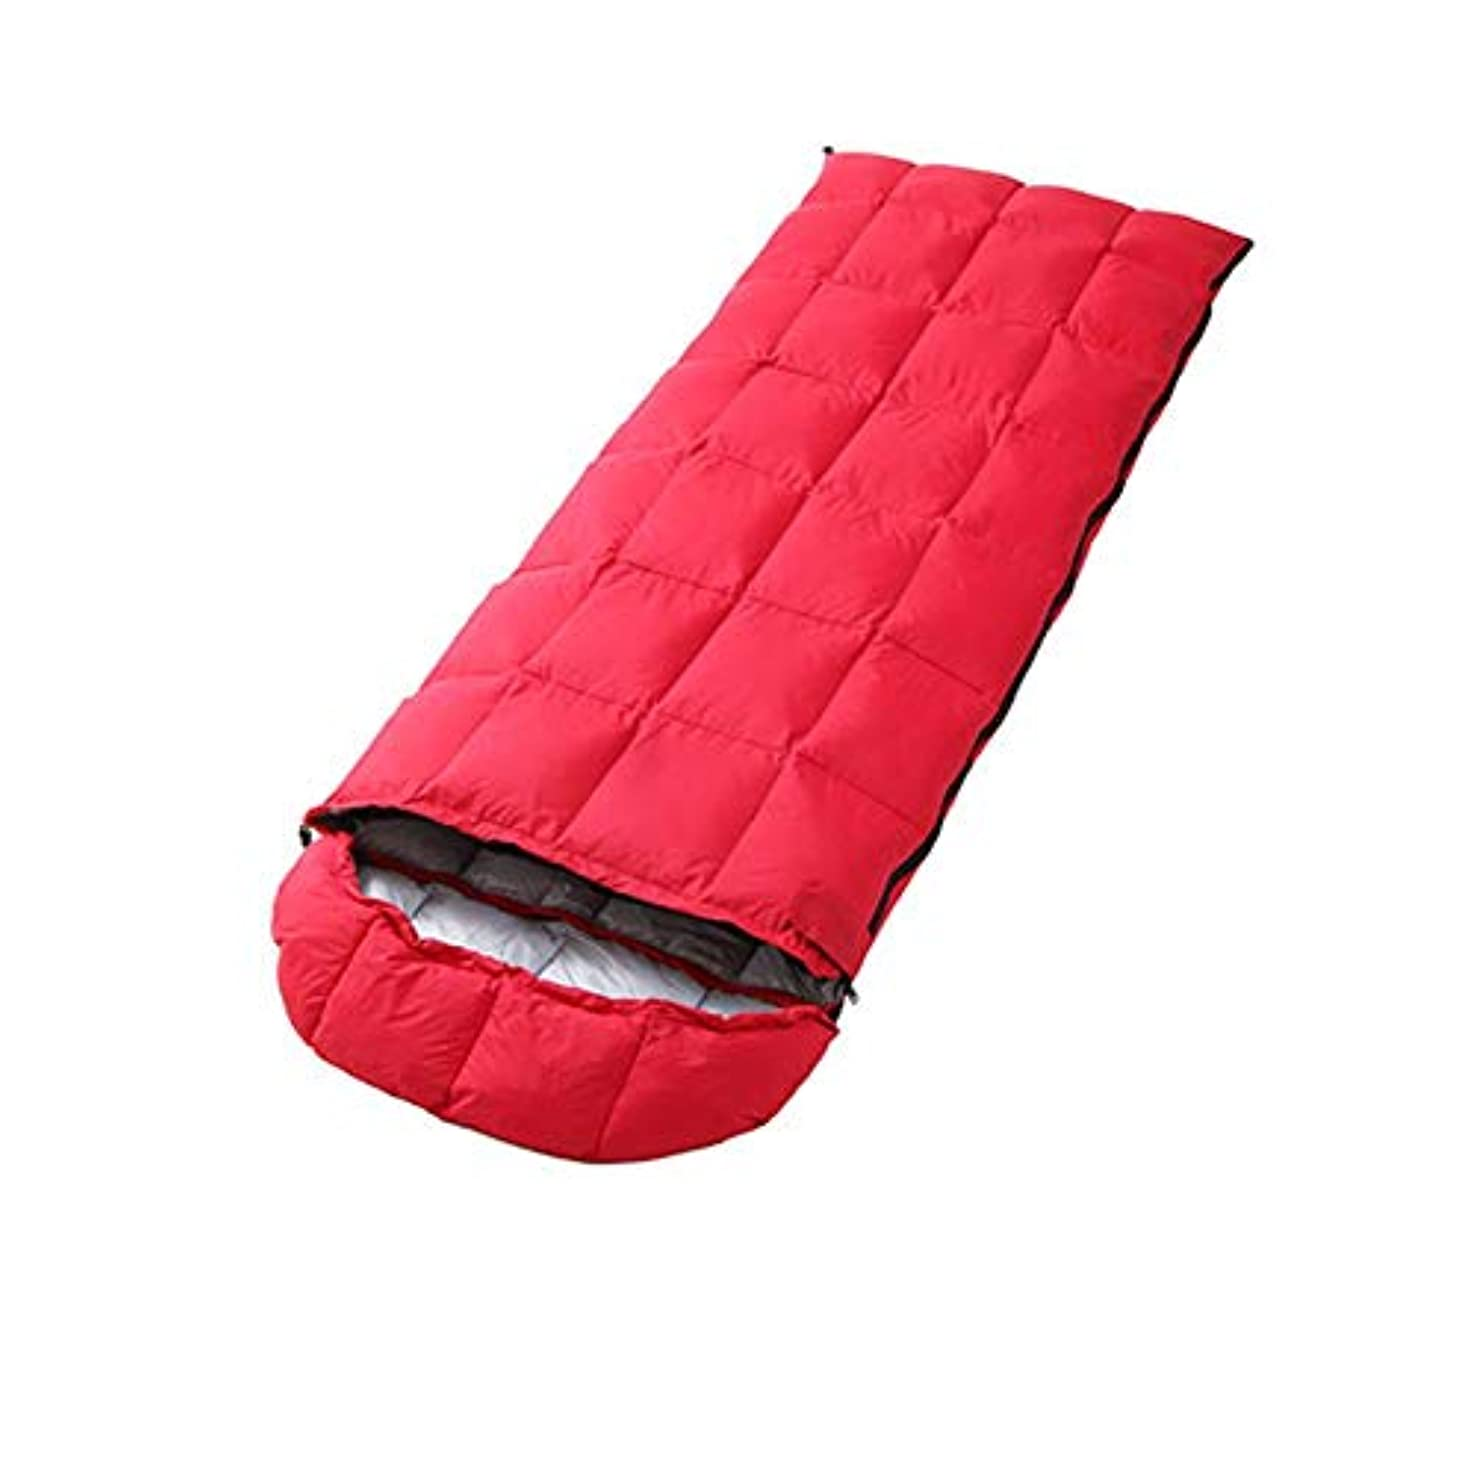 準備したサイレント審判Easylifee 寝袋 シュラフ 封筒型 冬用 軽量 防水 コンパクト アウトドア 登山 車中泊 防災用 丸洗い可能 収納袋付き 最低温度-15—-20度